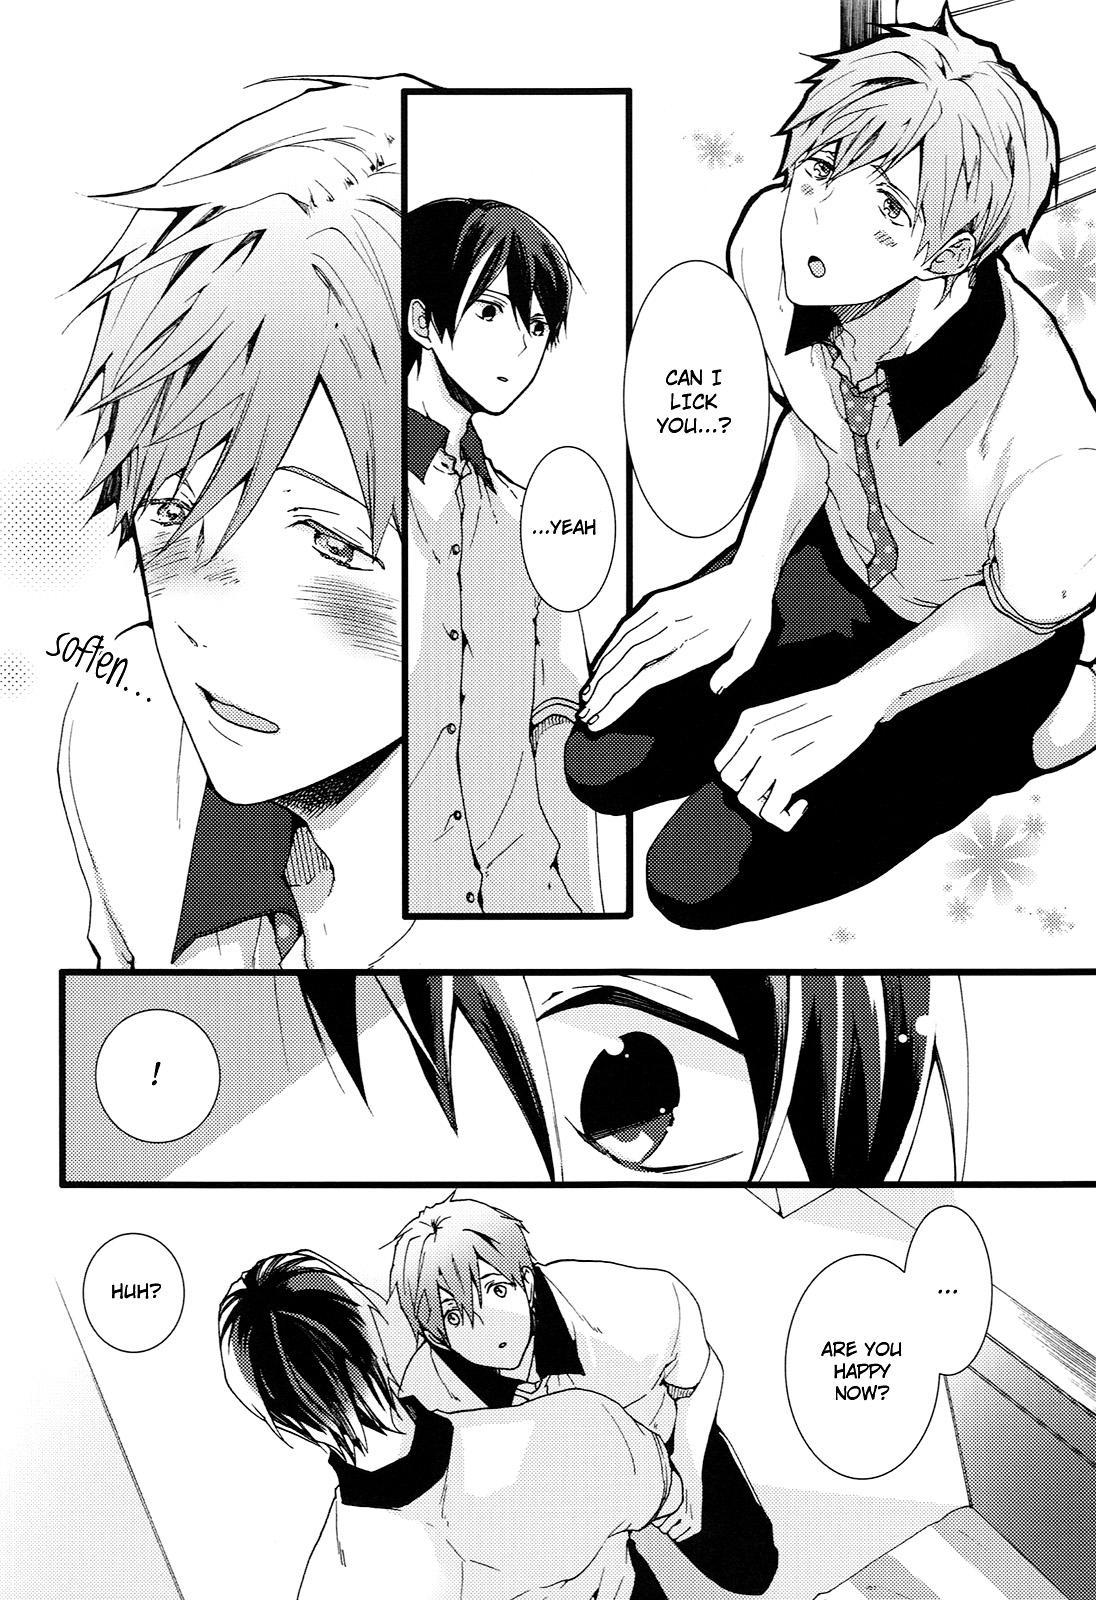 (Renai Jiyuugata! entry2) [BALL:S (Som)] Okuchi ga Warui yo Haruka-kun! | You Have a Bad Mouth, Haruka-kun! (Free!) [English] [Holy Mackerel] 8